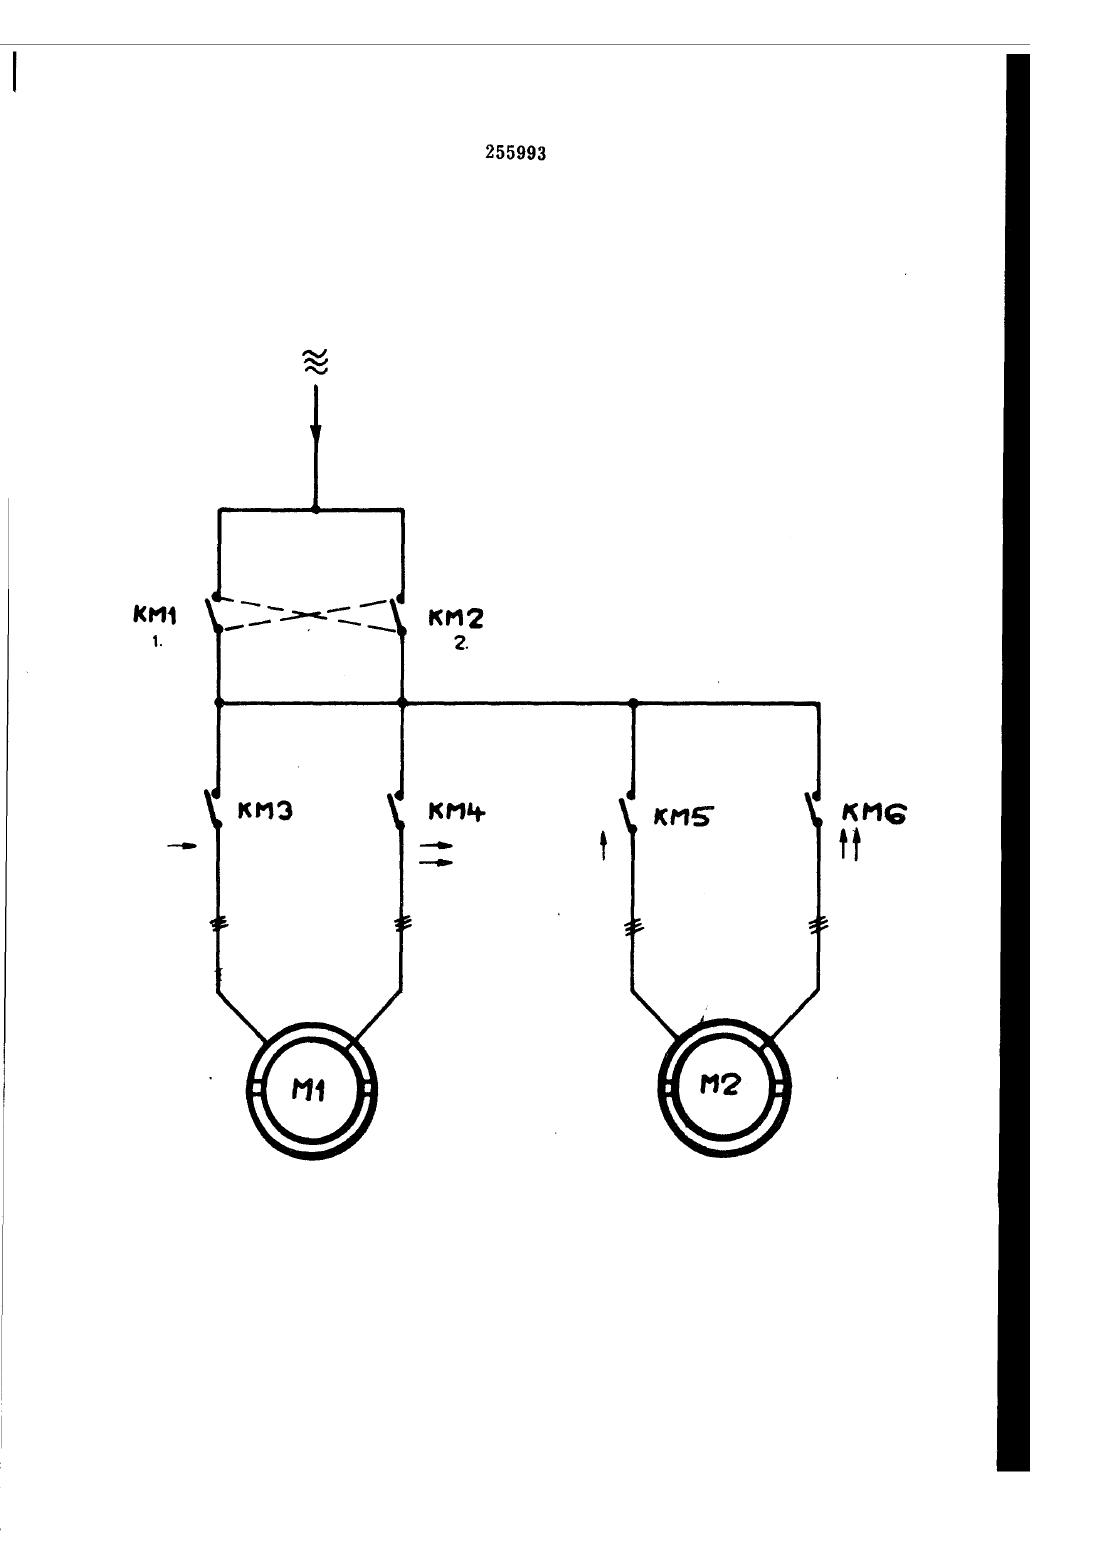 Zapojeni Pro Elektricke Ovladani Automatizovanych Trolejovych